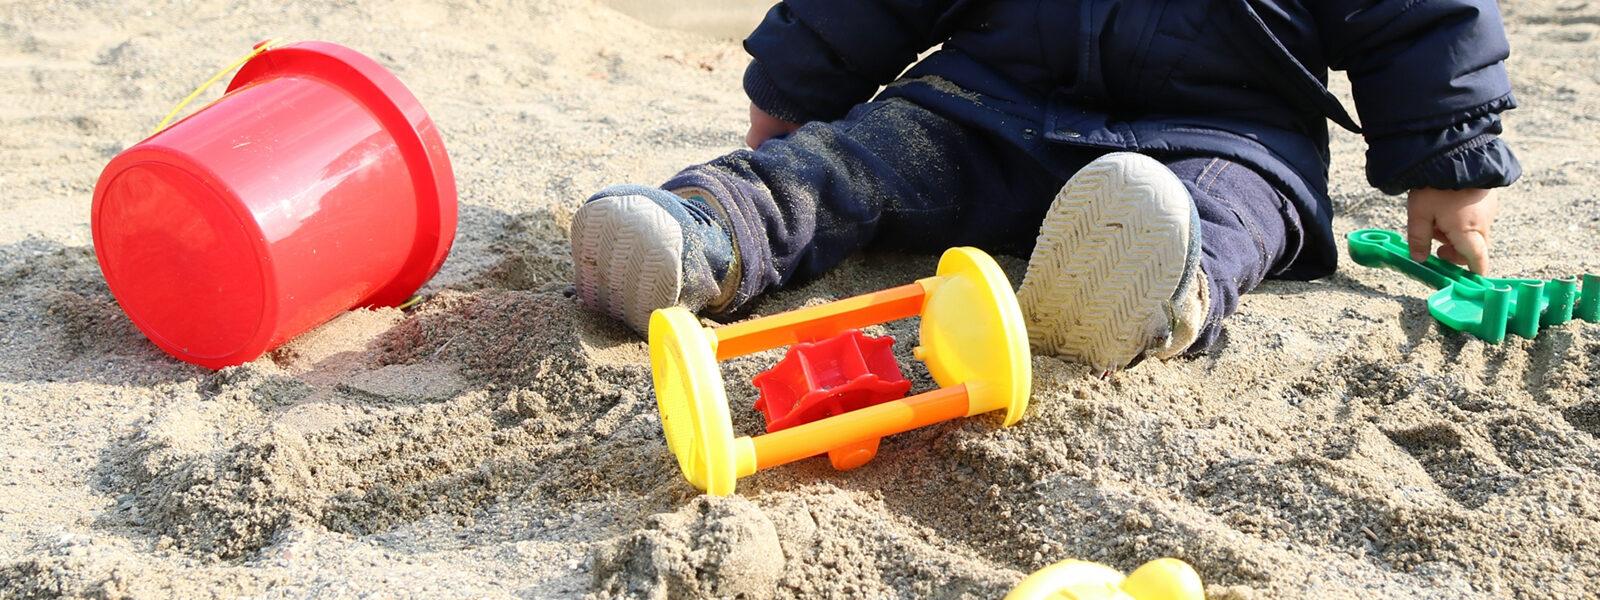 いつでも安心安全な砂場を目指して